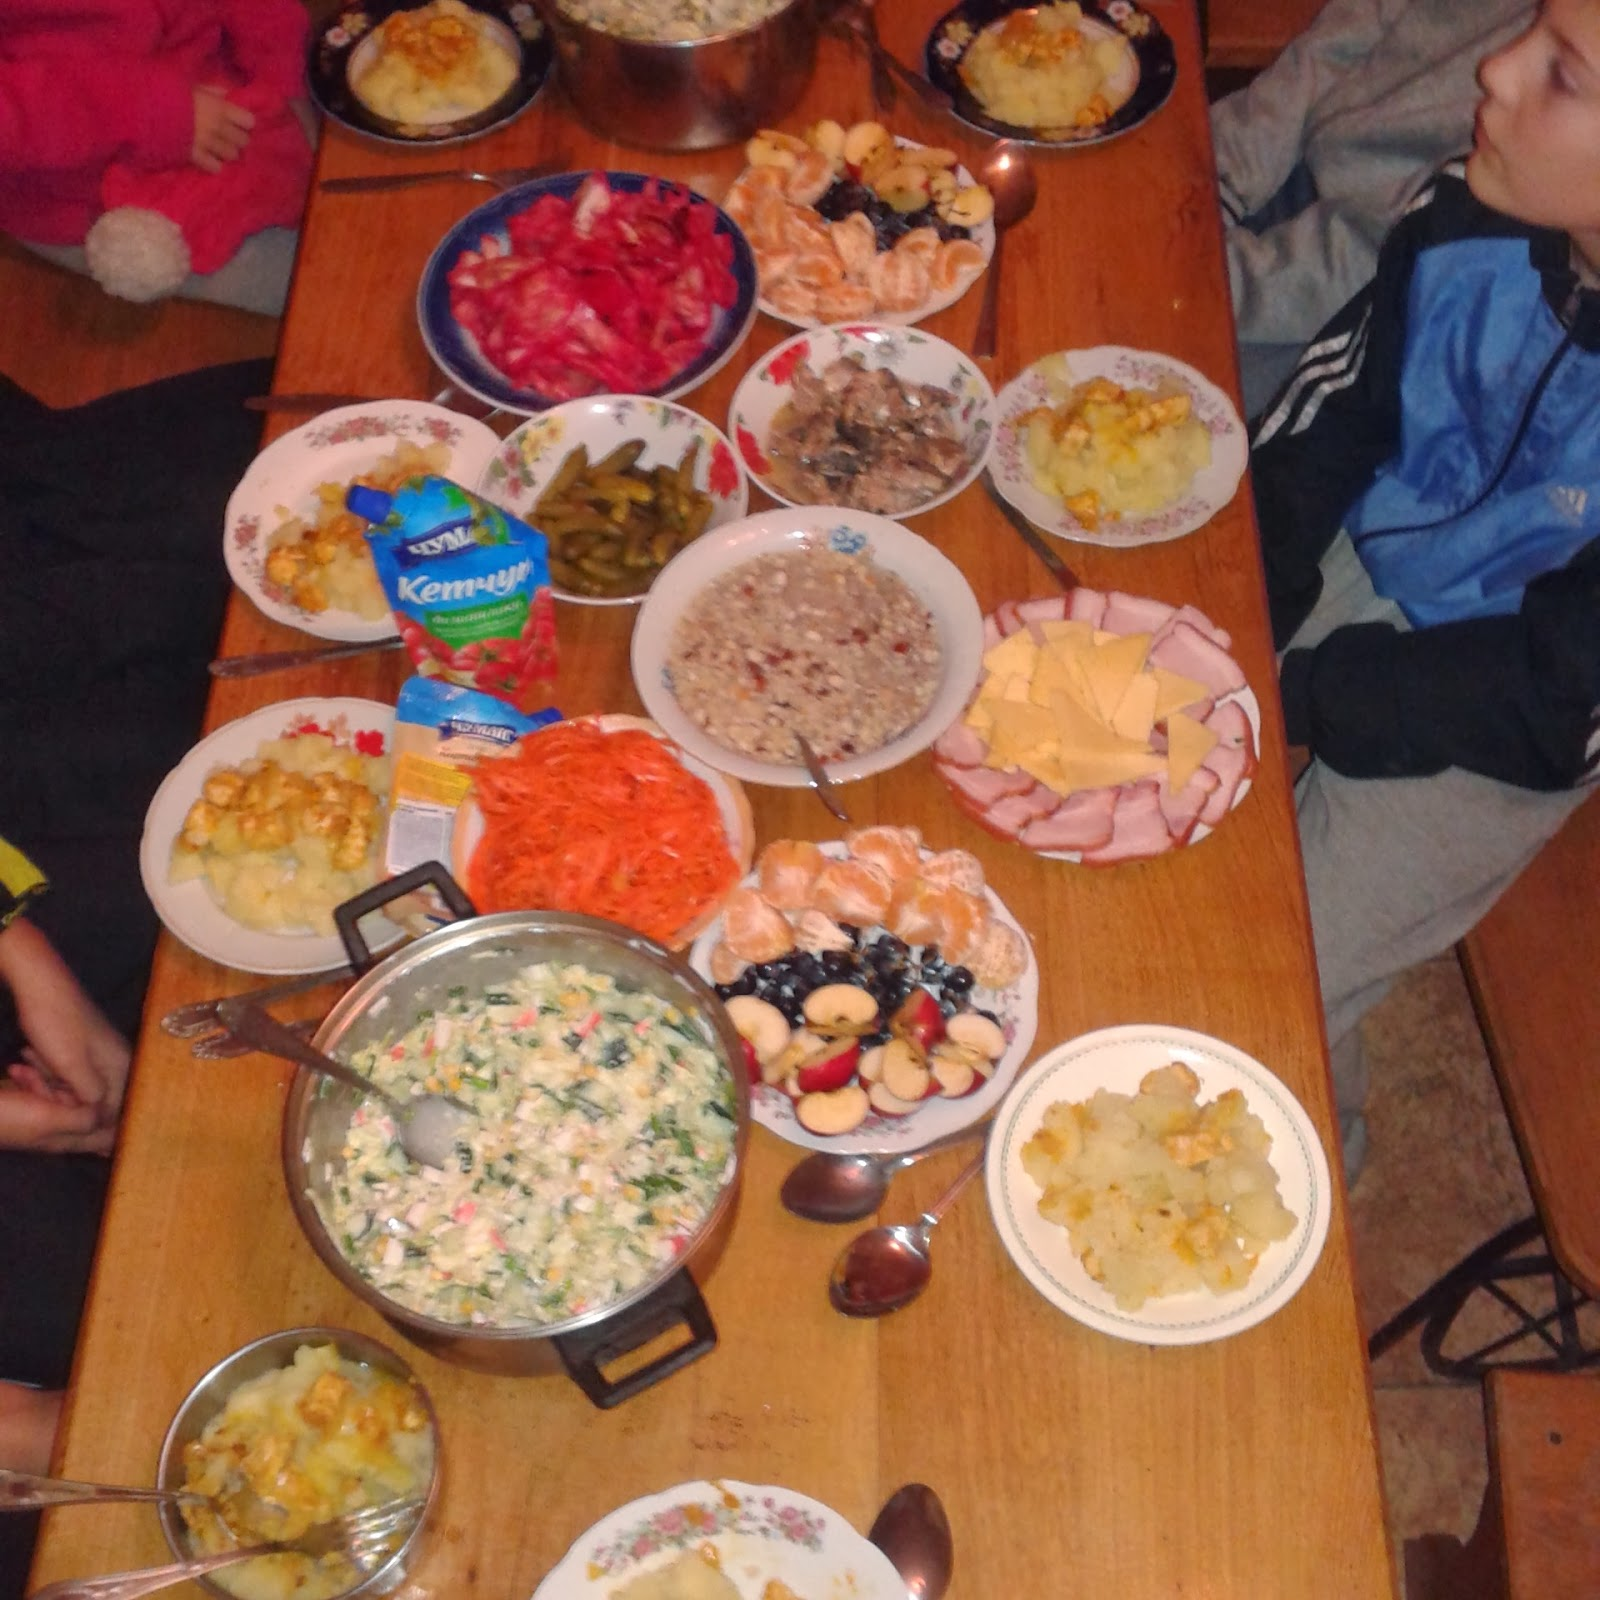 Різдвяна вечеря. Радиопеленгация (охота на лис, ARDF) и спортивное ориентирование в Виннице и не только :)